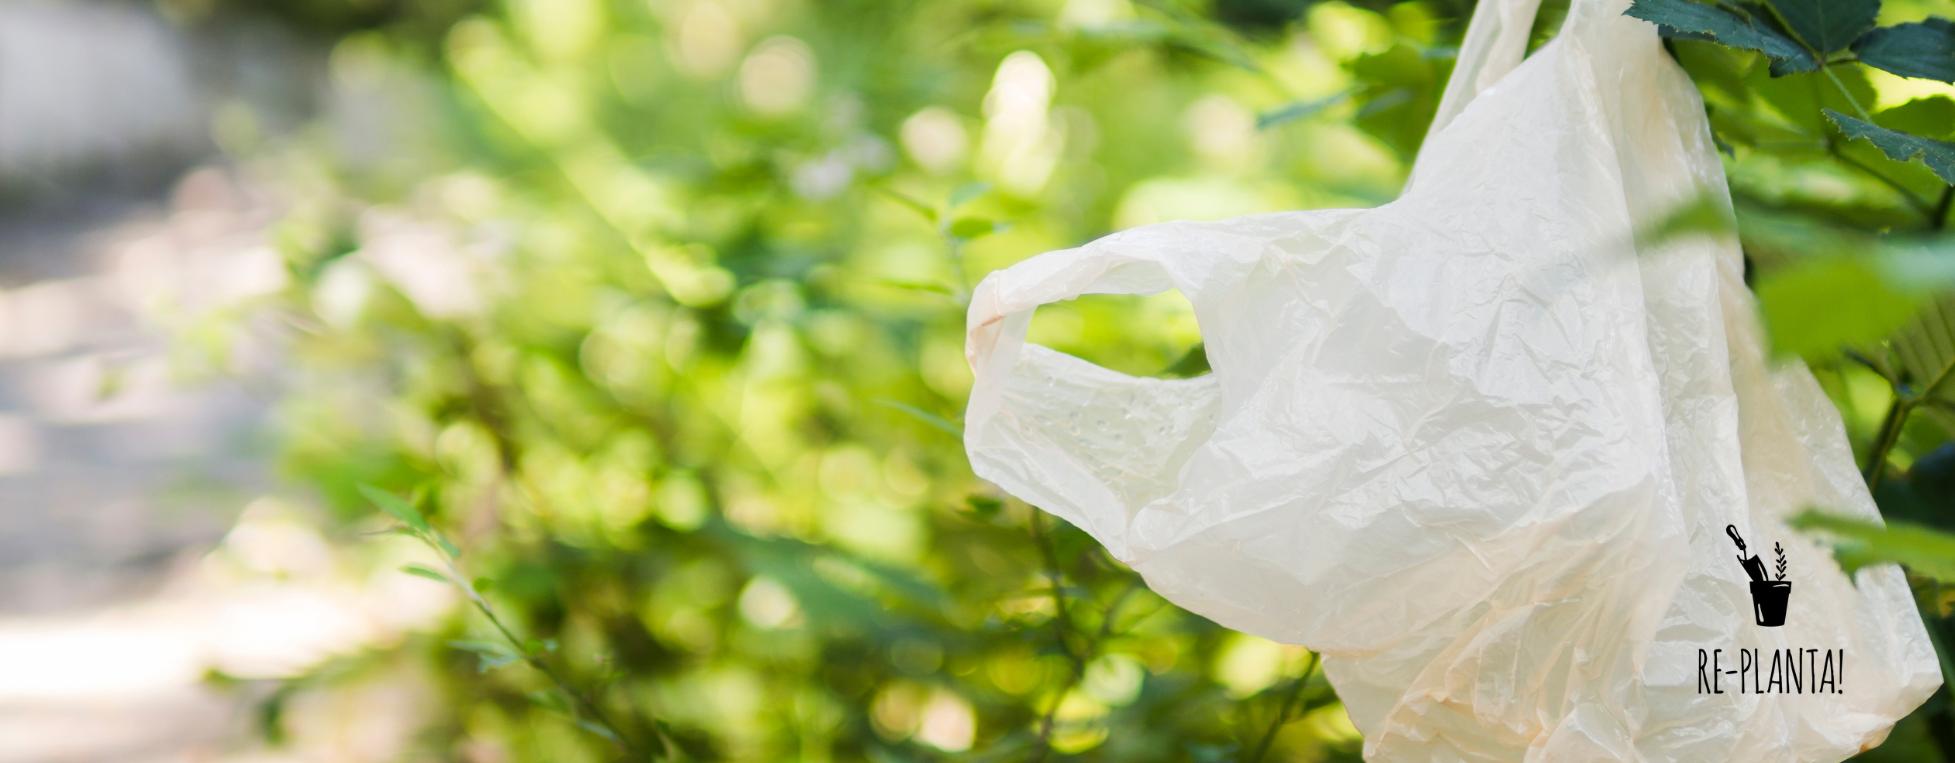 Plástico: a importância do uso consciente